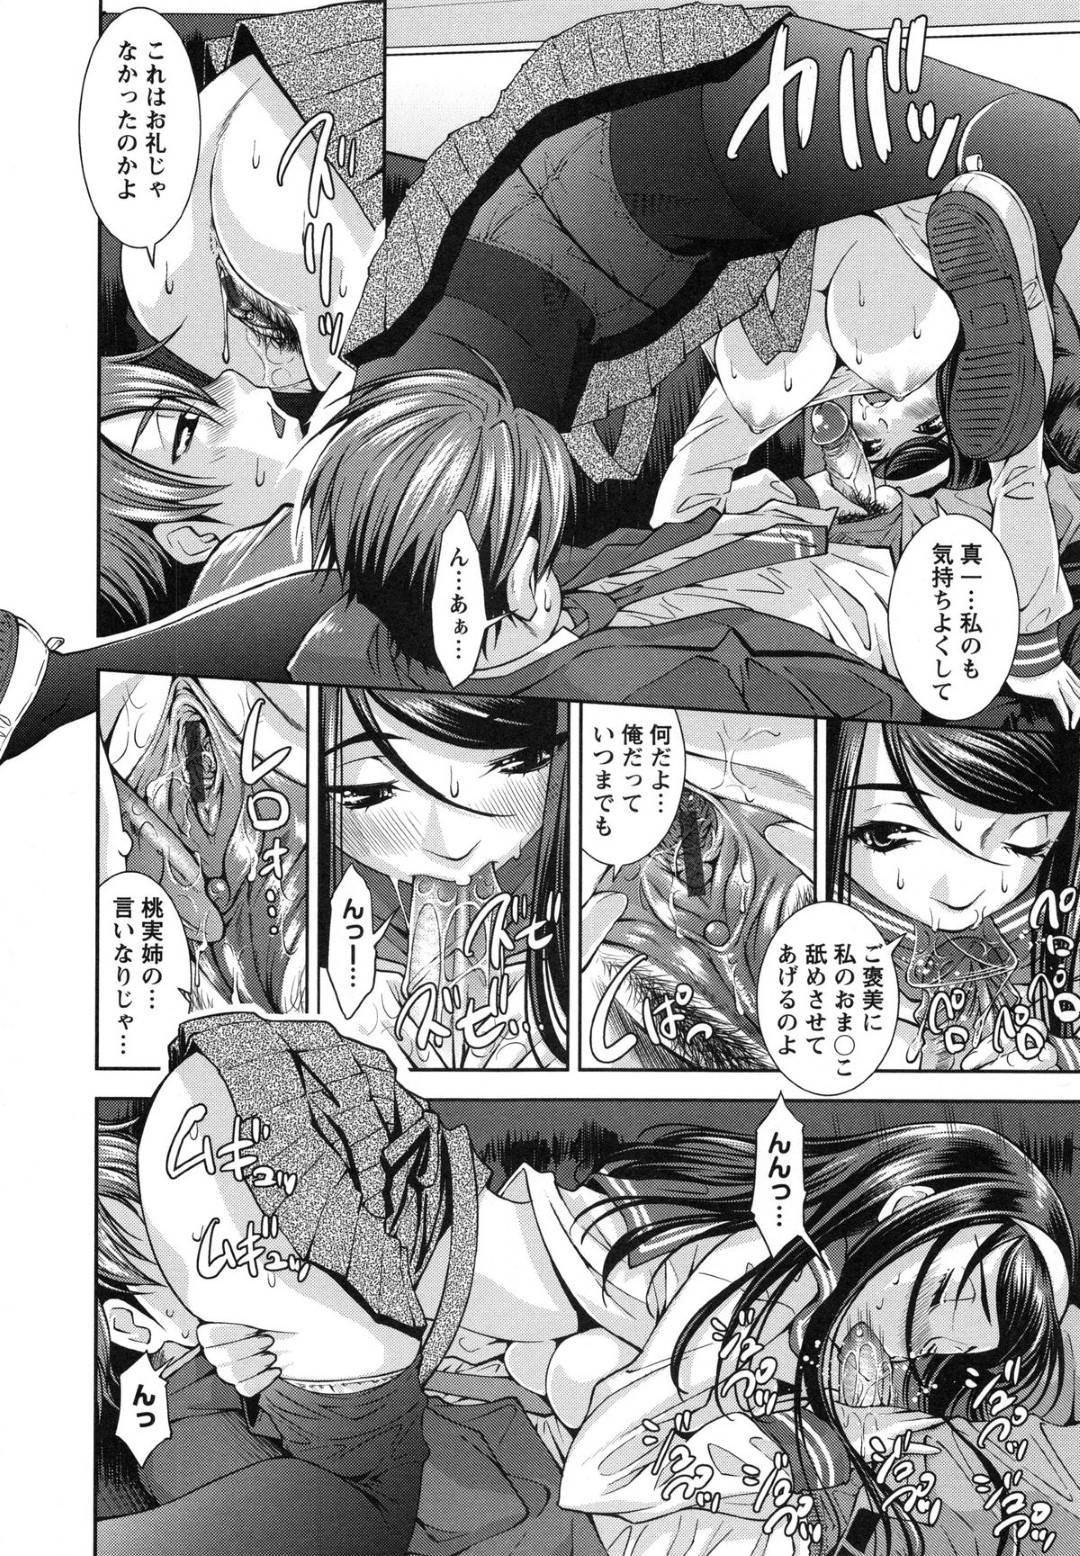 【エロ漫画】生徒会室で幼馴染である清楚系JKの桃実に襲われてしまった主人公。見かけに合わず淫乱な彼女は彼に積極的にディープキスしたり、フェラしては口内射精させたりし、正常位でそのまま生挿入セックスをさせる!